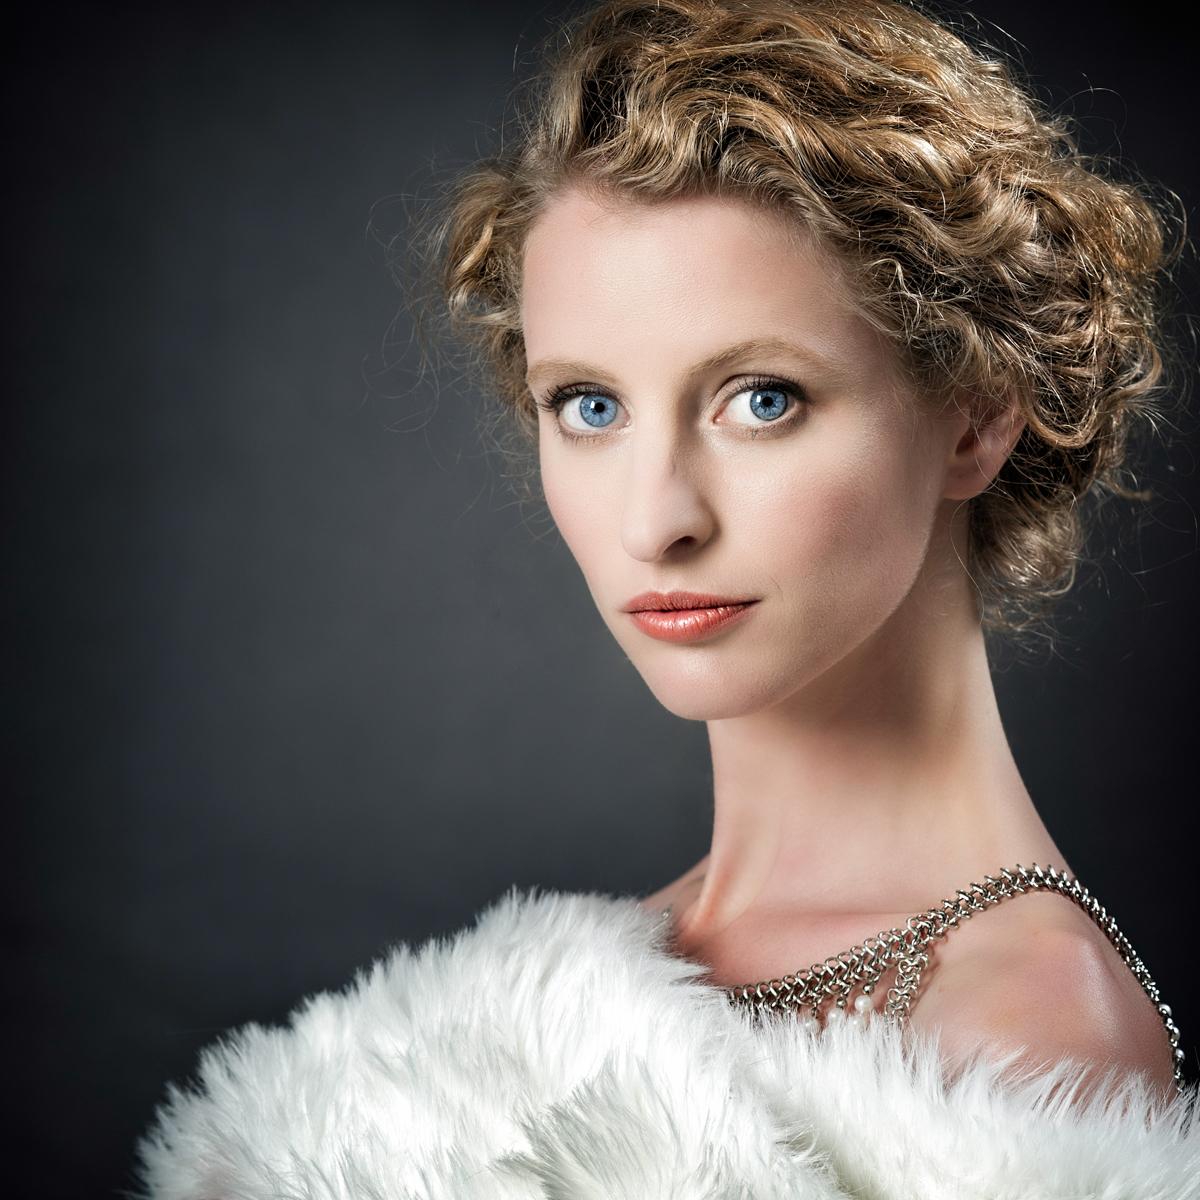 Princess Fredau